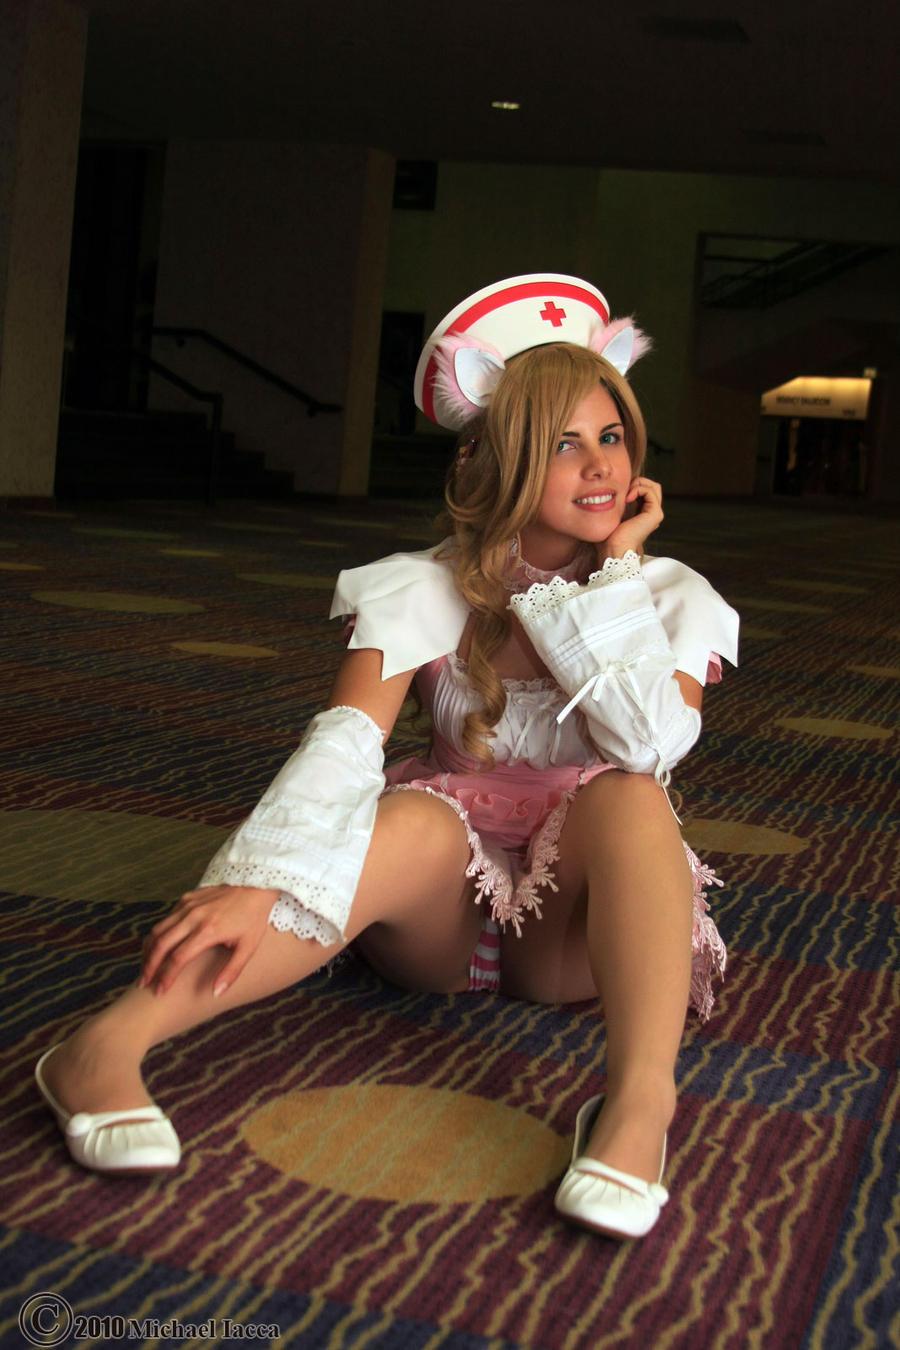 Maid No Panties 15